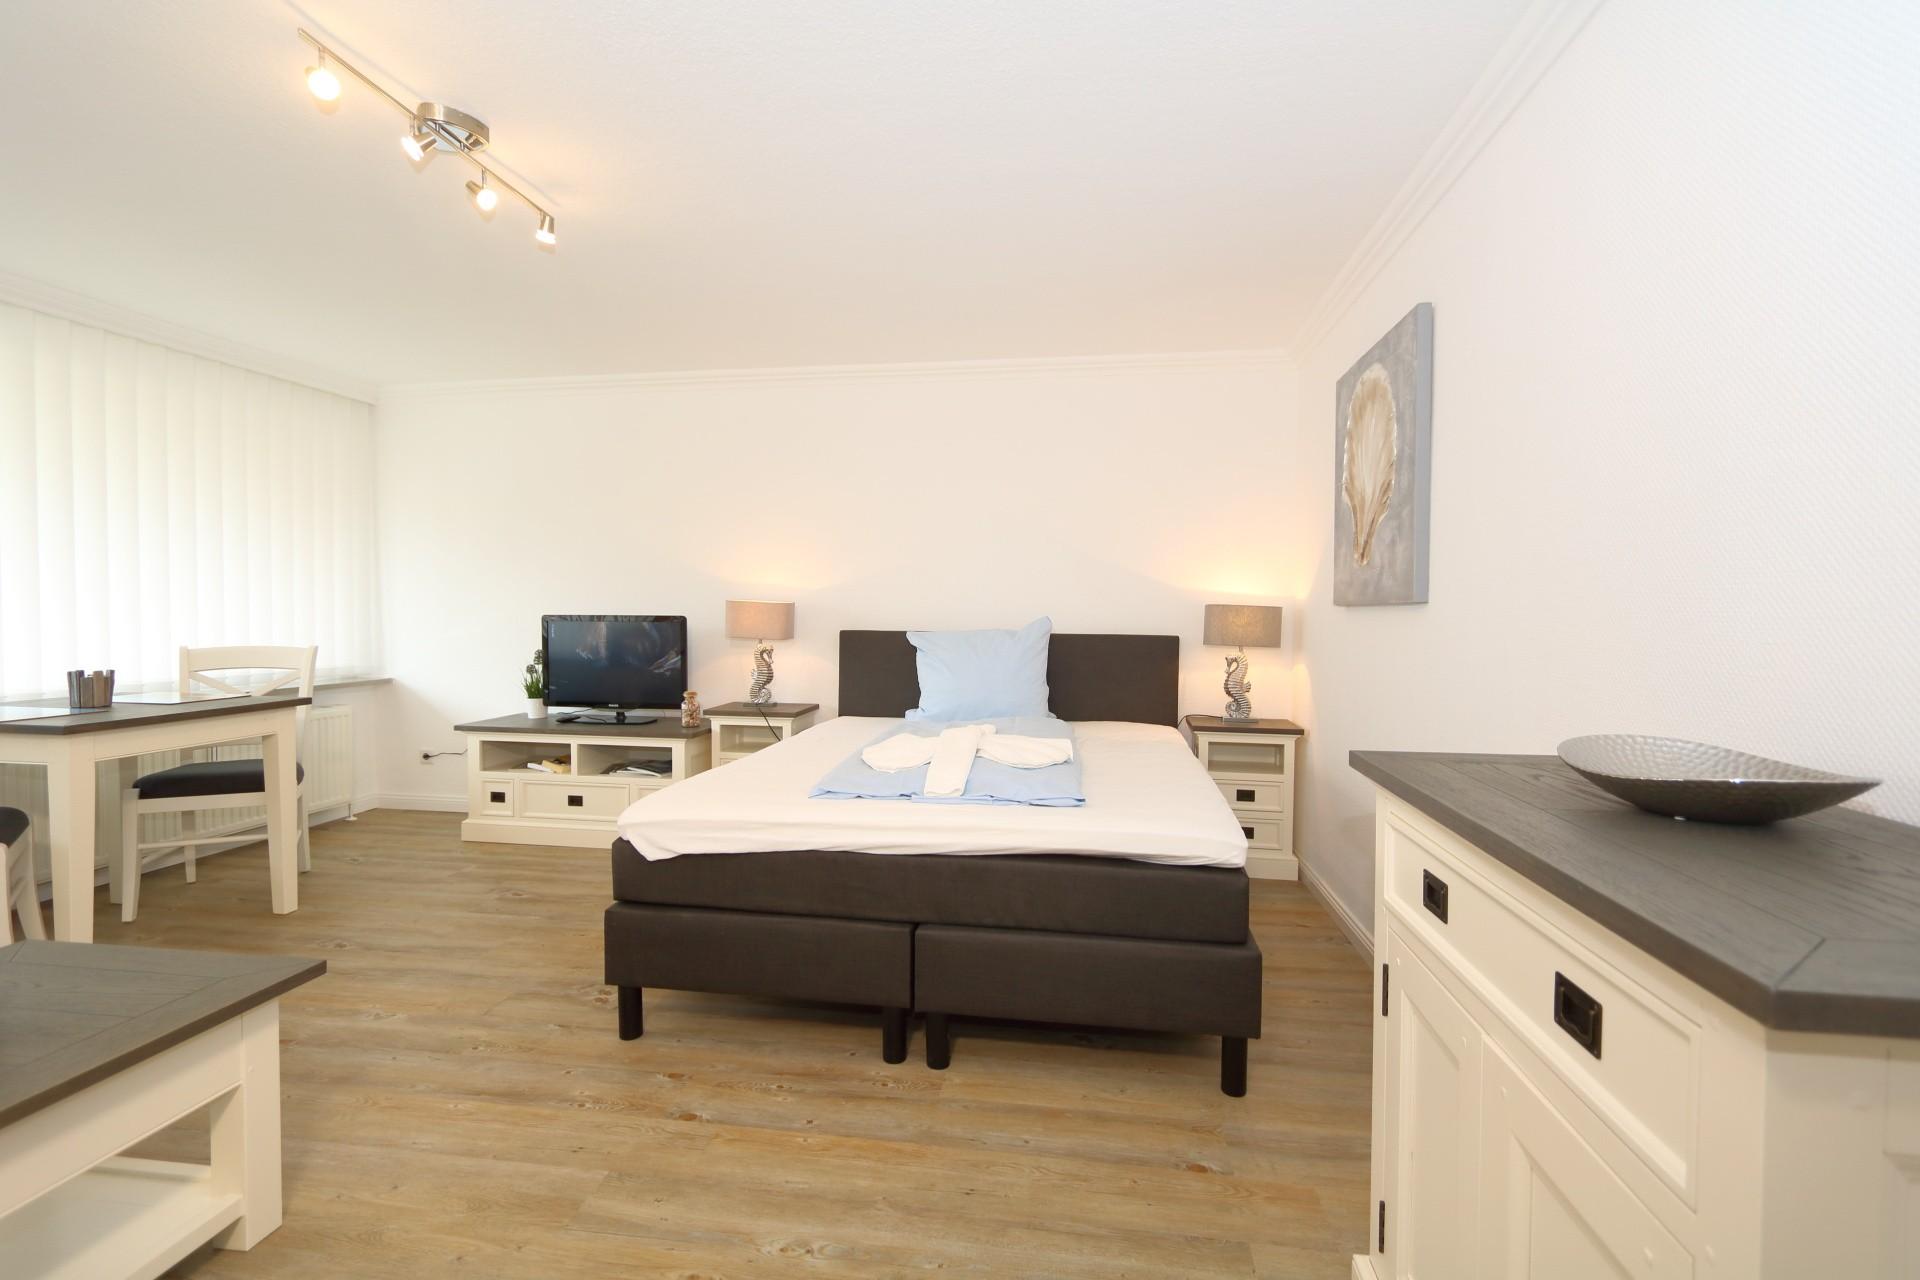 ferienwohnung nordsee residenz 21k westerland sylt 2 personen haustiere erlaubt. Black Bedroom Furniture Sets. Home Design Ideas